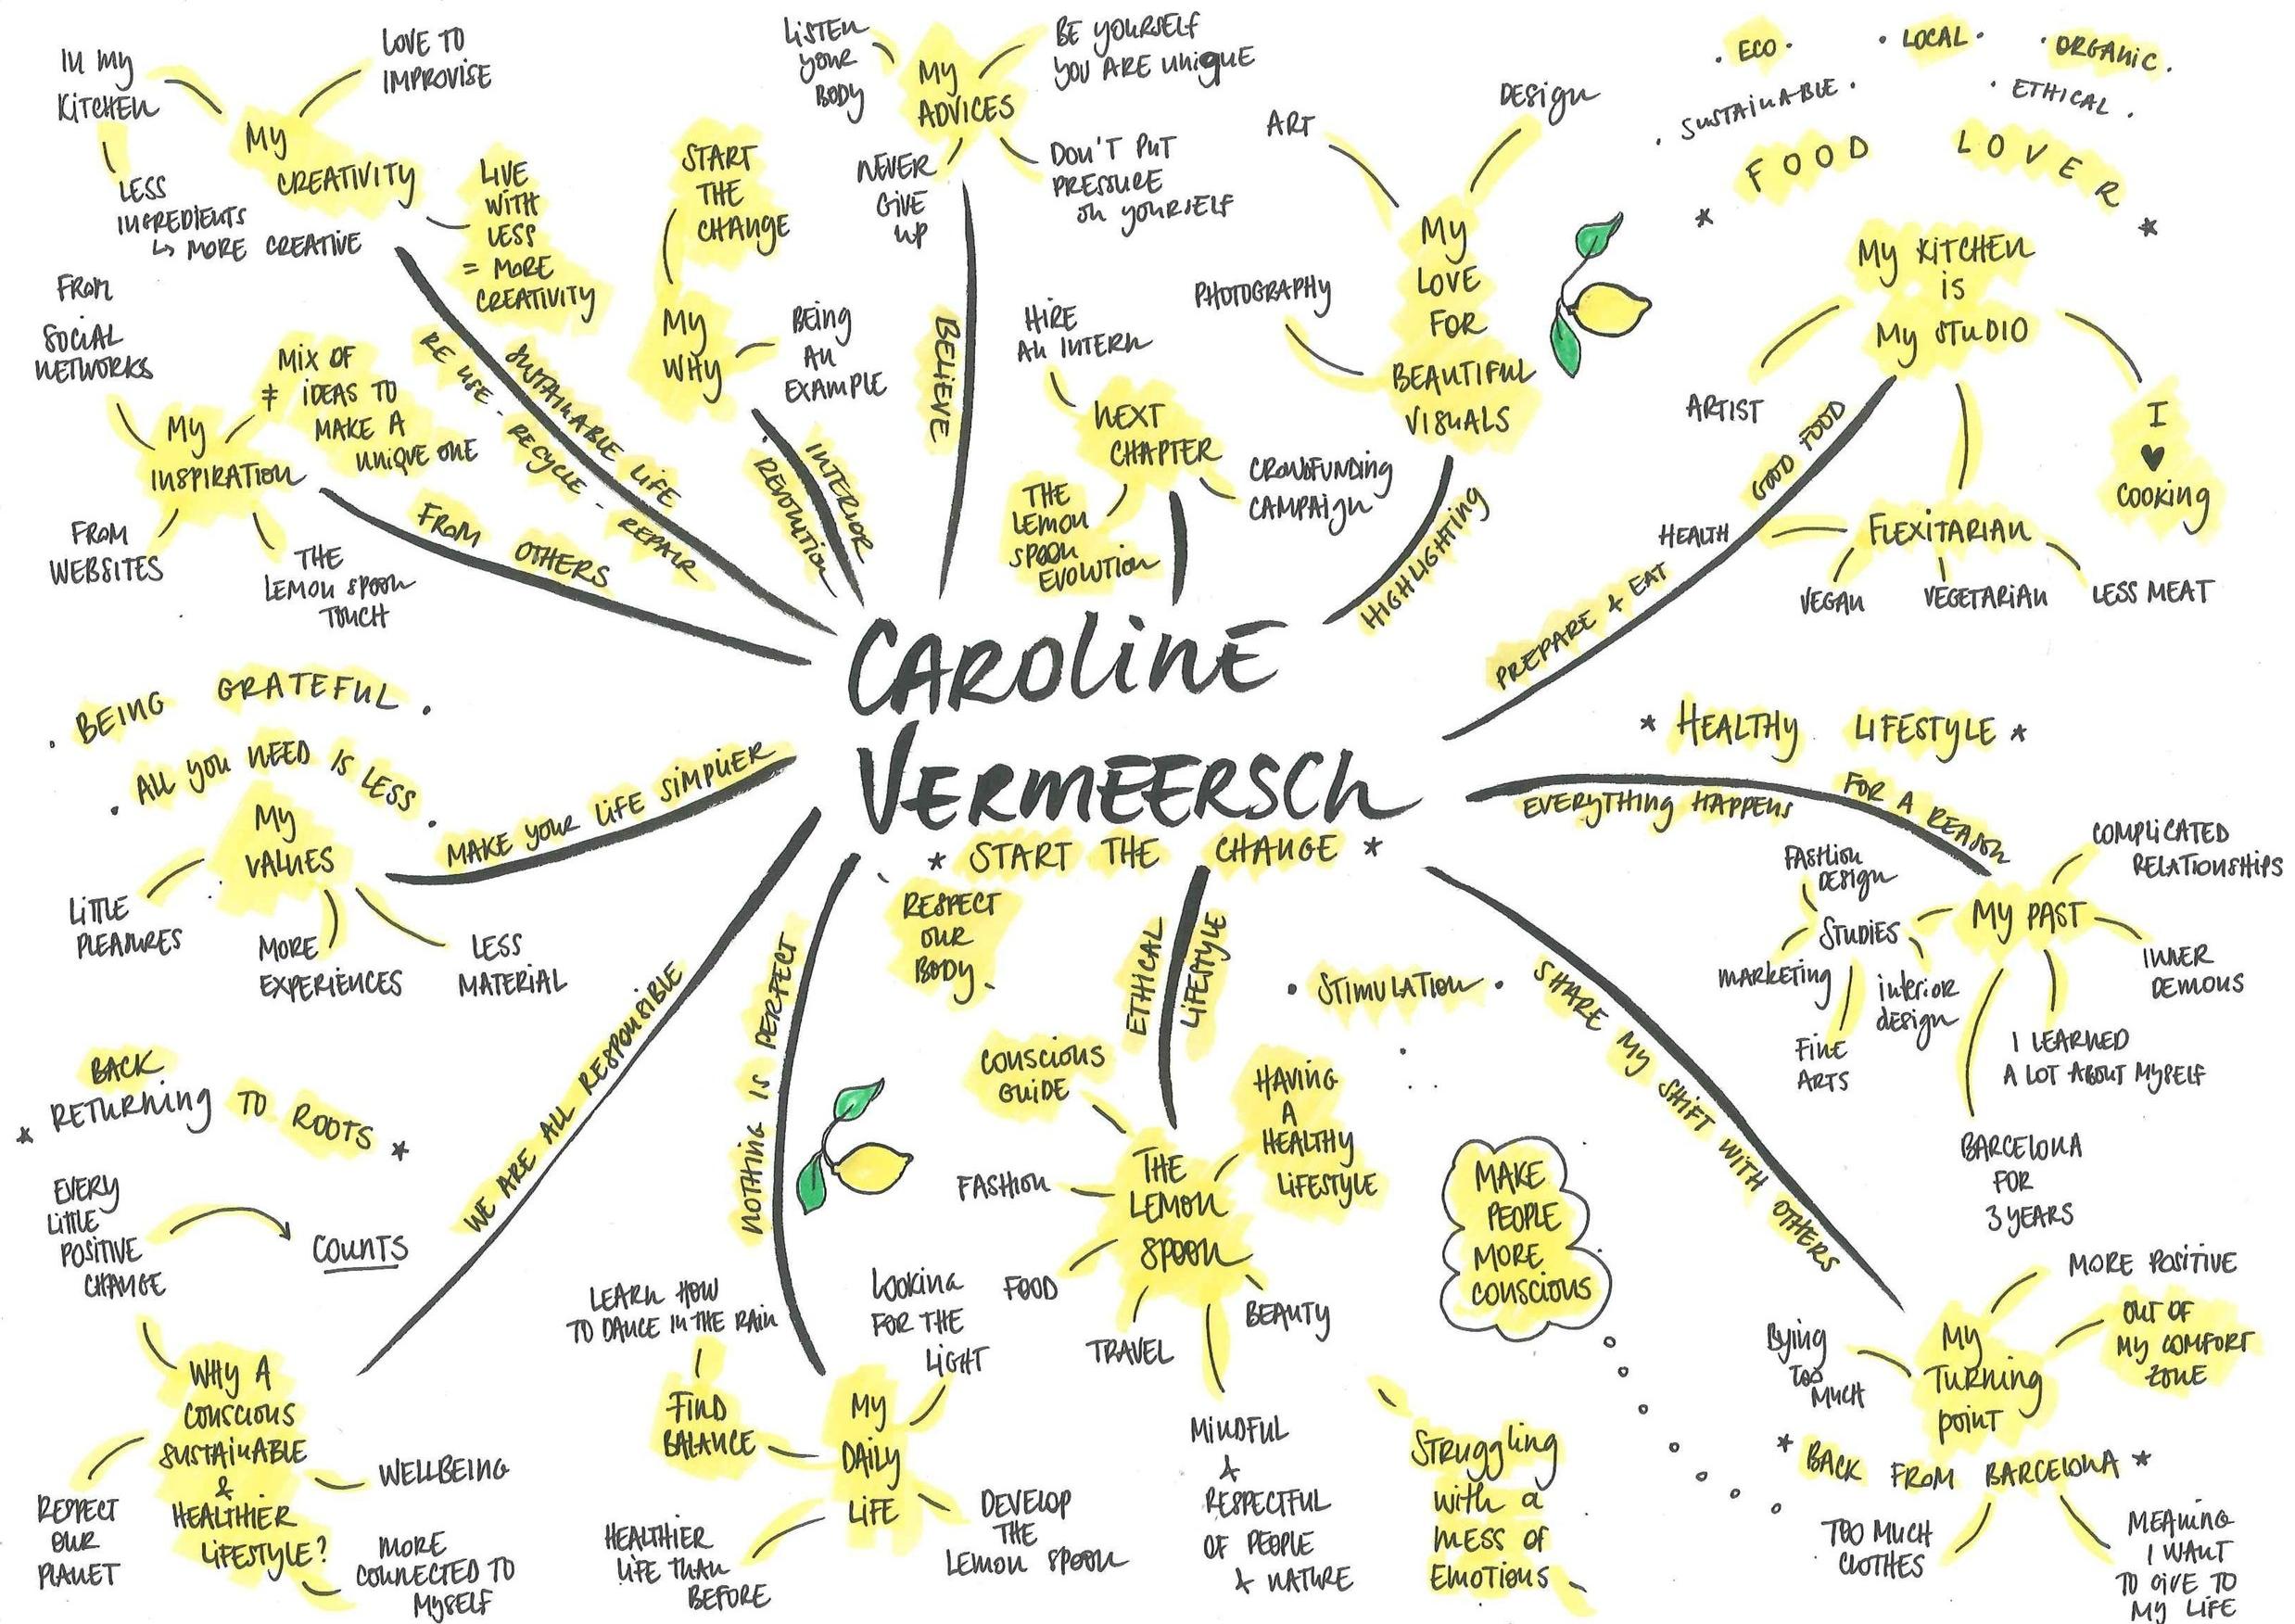 caroline vermeersch mapping.PNG